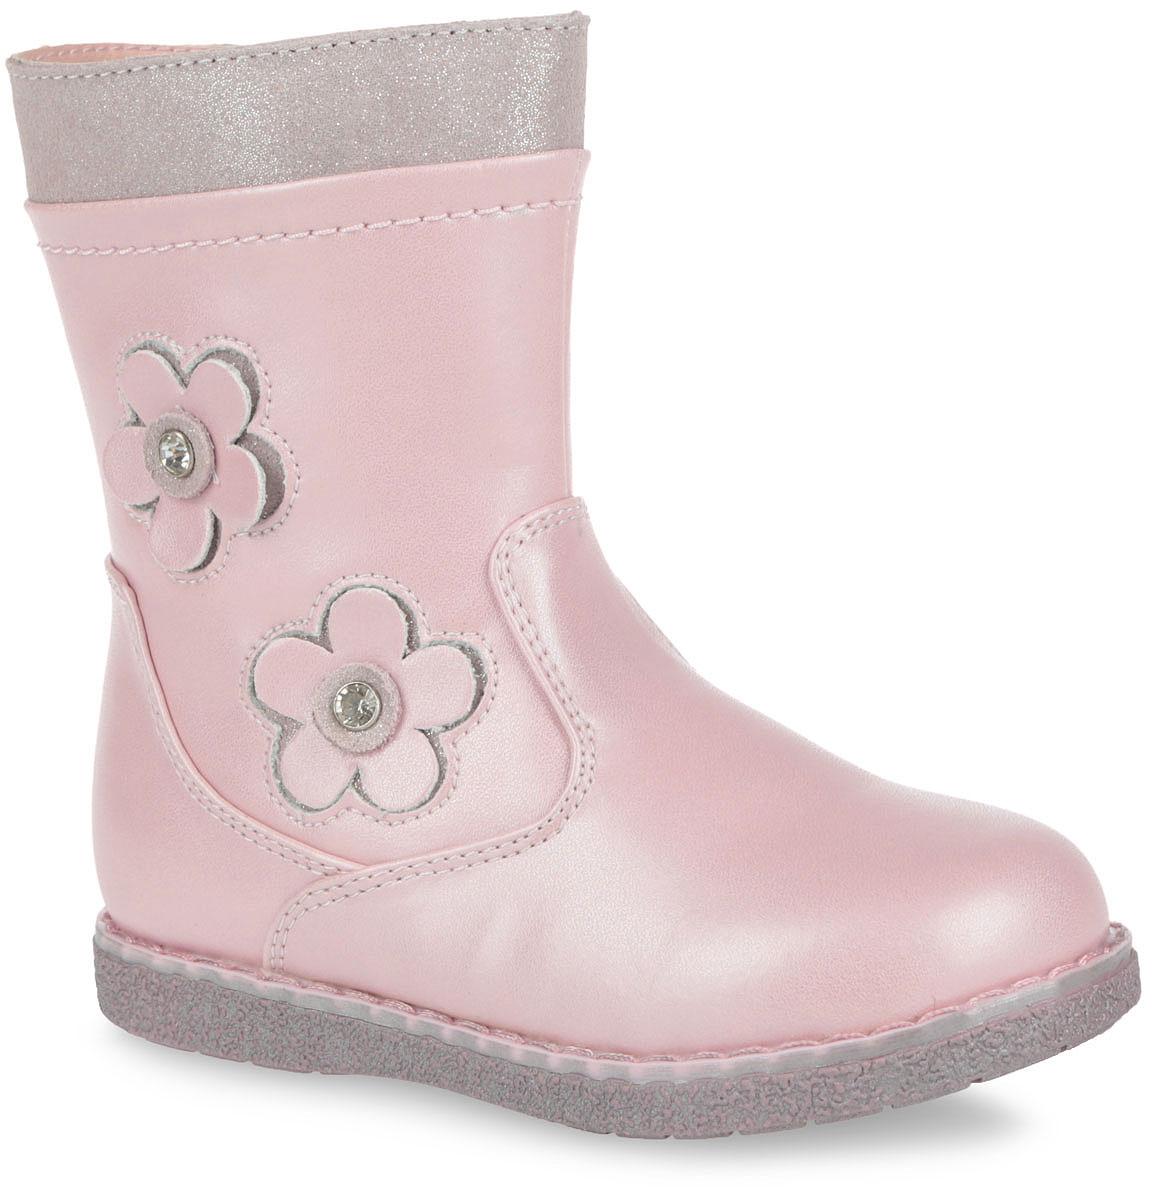 Полусапоги для девочки. 52-XC14452-XC144Очаровательные полусапоги от Flamingo придутся по душе вашей дочурке! Модель изготовлена из искусственной гладкой кожи и дополнена по канту вставкой из натуральной замши, оформленной декоративной лазерной обработкой. Подкладка и стелька, исполненные из шерстяной байки, согреют ножки в холодную погоду. Сбоку обувь украшена декоративной аппликацией в виде цветочков, инкрустированными стразами. Полусапоги застегиваются на застежку-молнию, расположенную на одной из боковых сторон. Подошва с протектором гарантирует идеальное сцепление с любой поверхностью. Стильные полусапоги займут достойное место в гардеробе вашего ребенка.